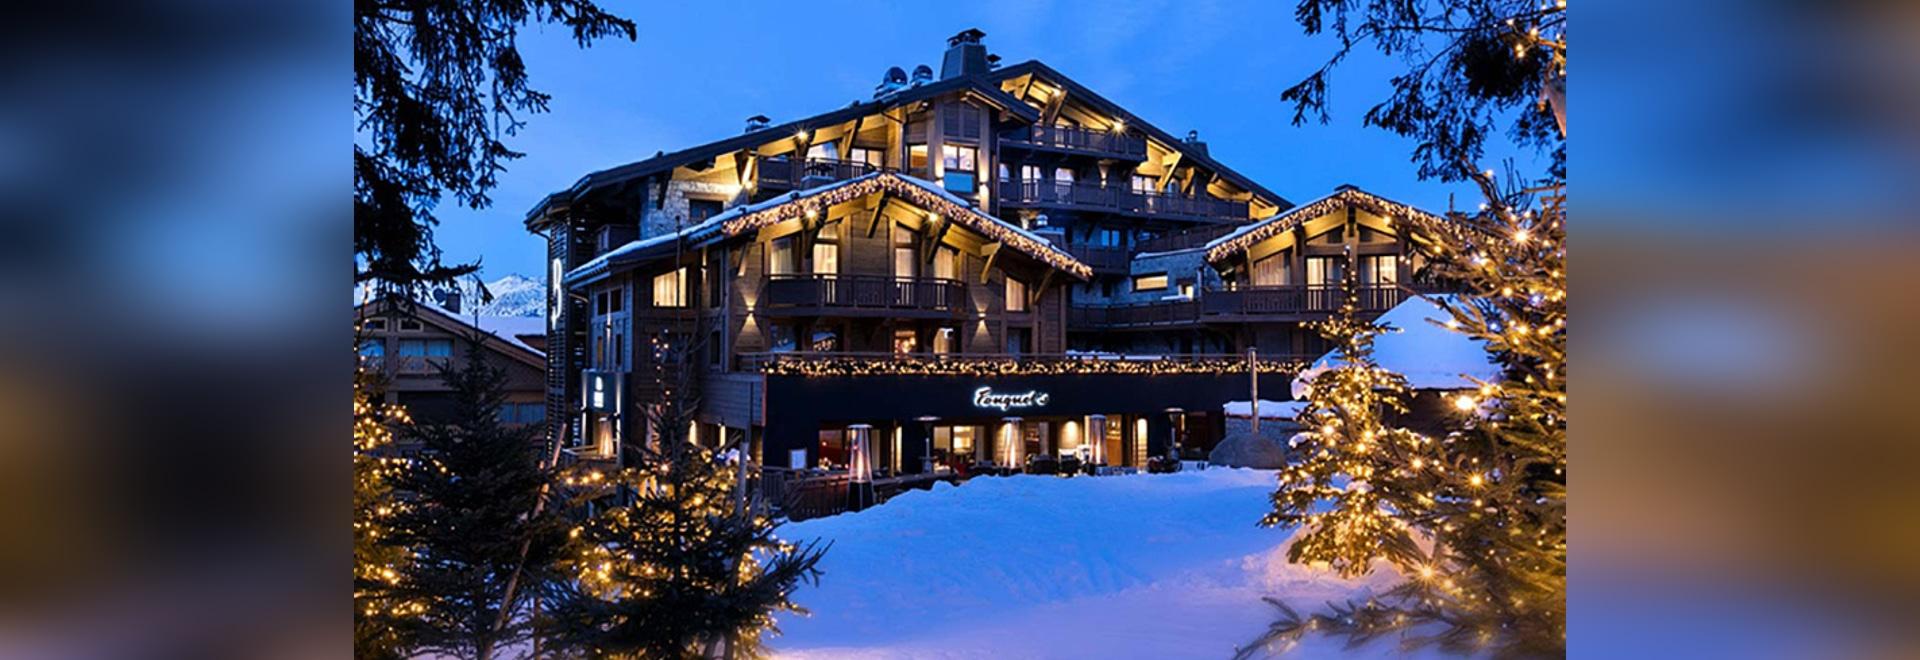 L'Hôtel Les Neiges - Groupe Barrière